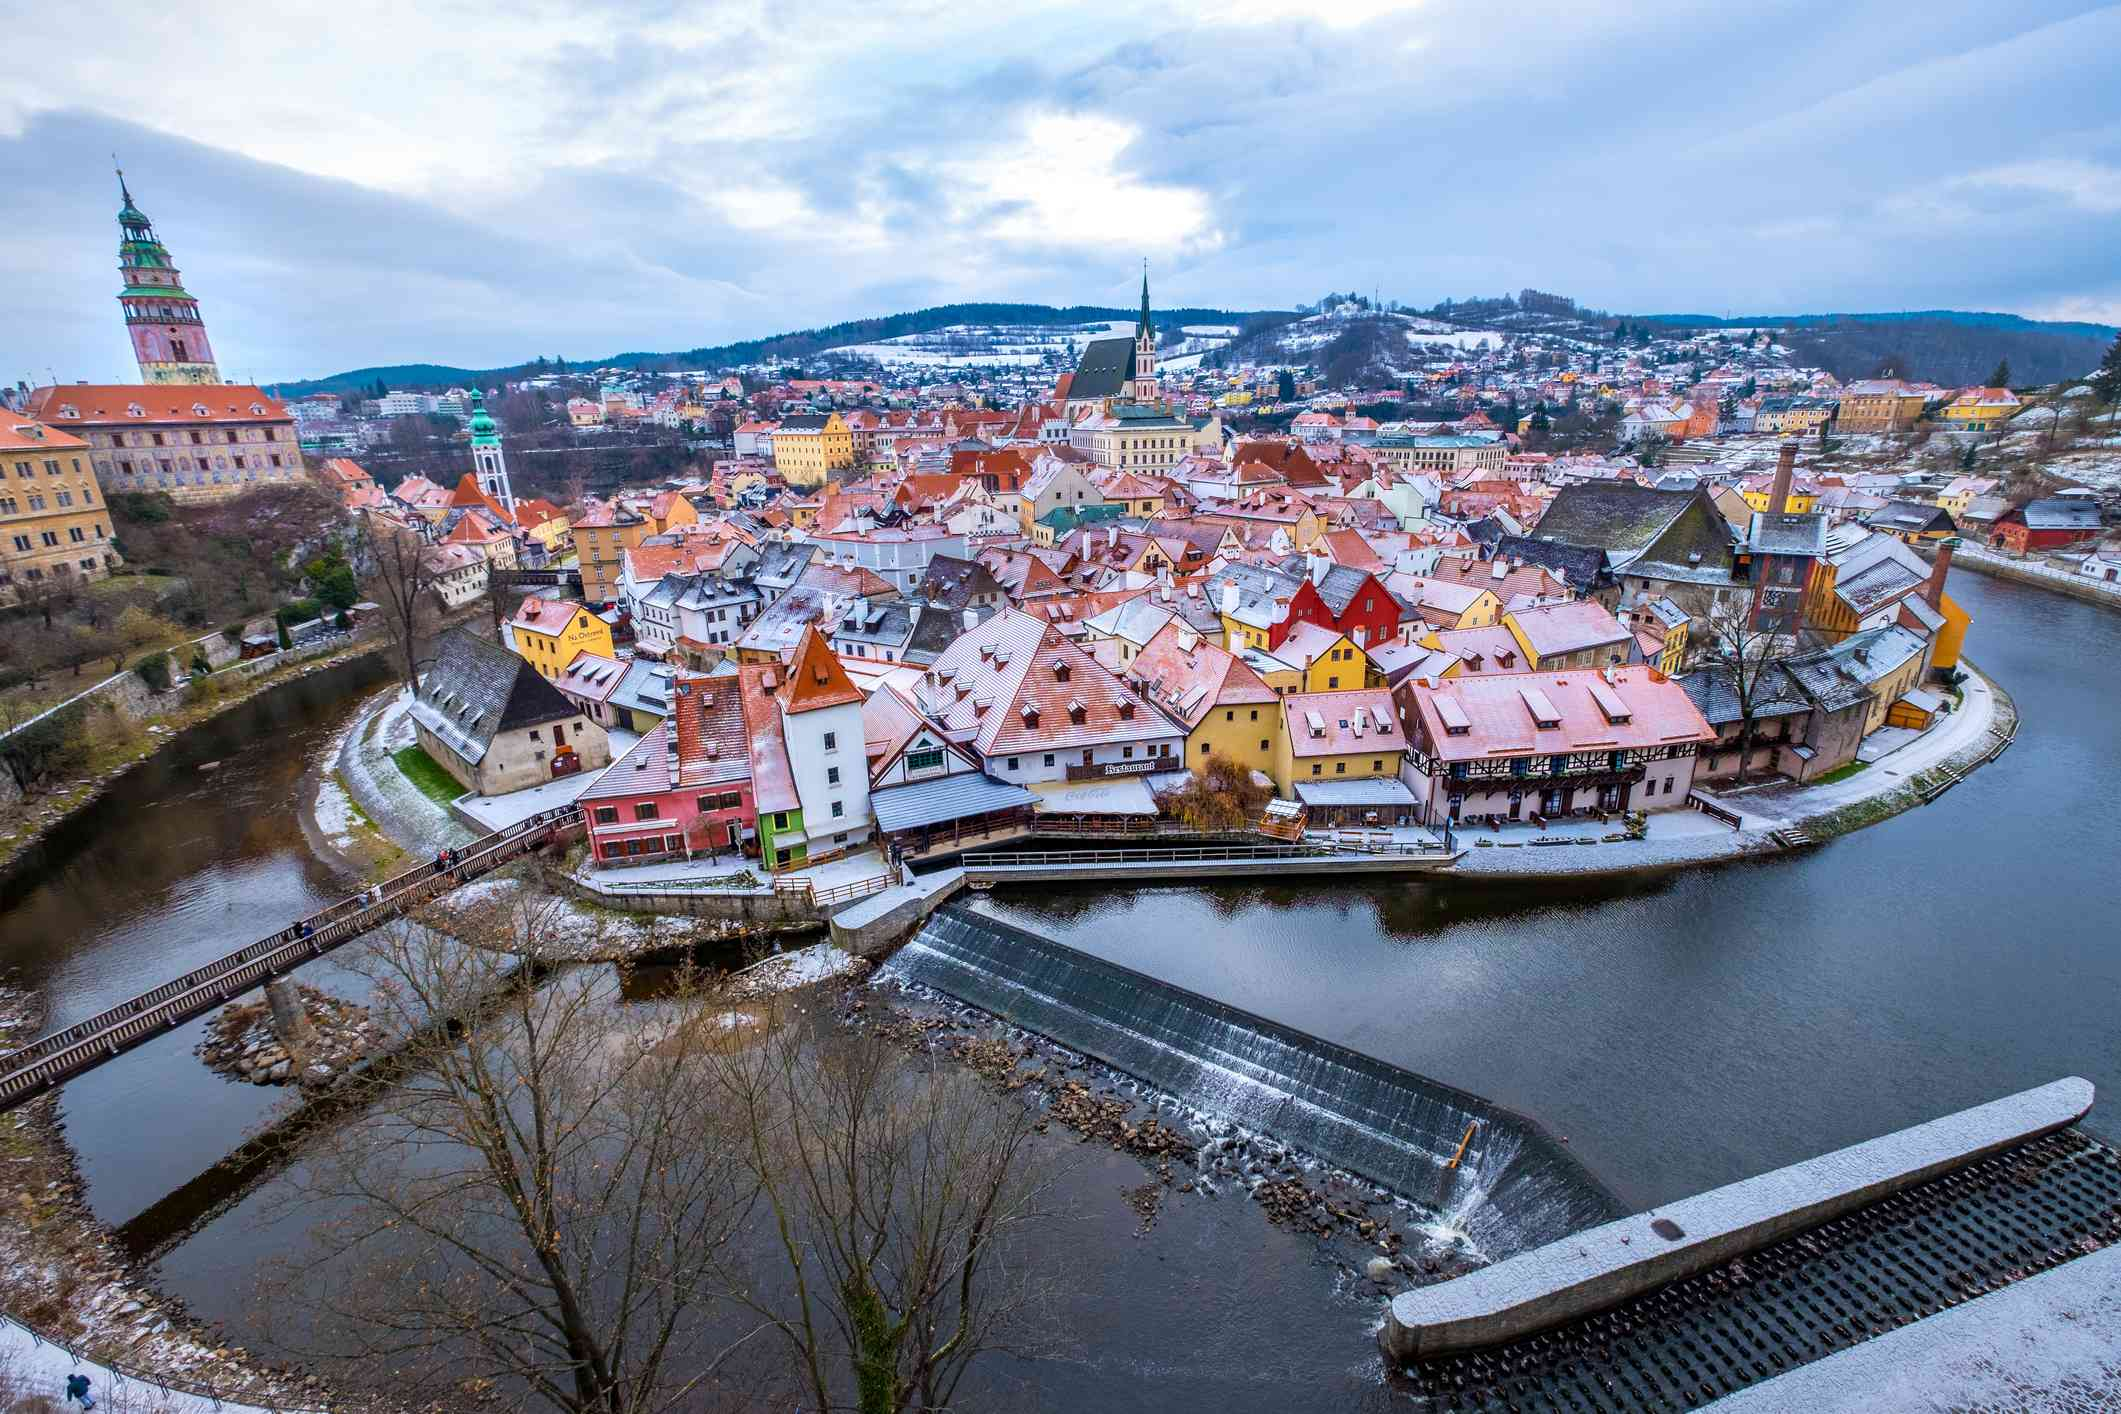 Nieve que cubre un lugar mágico en invierno - Český Krumlov , República Checa